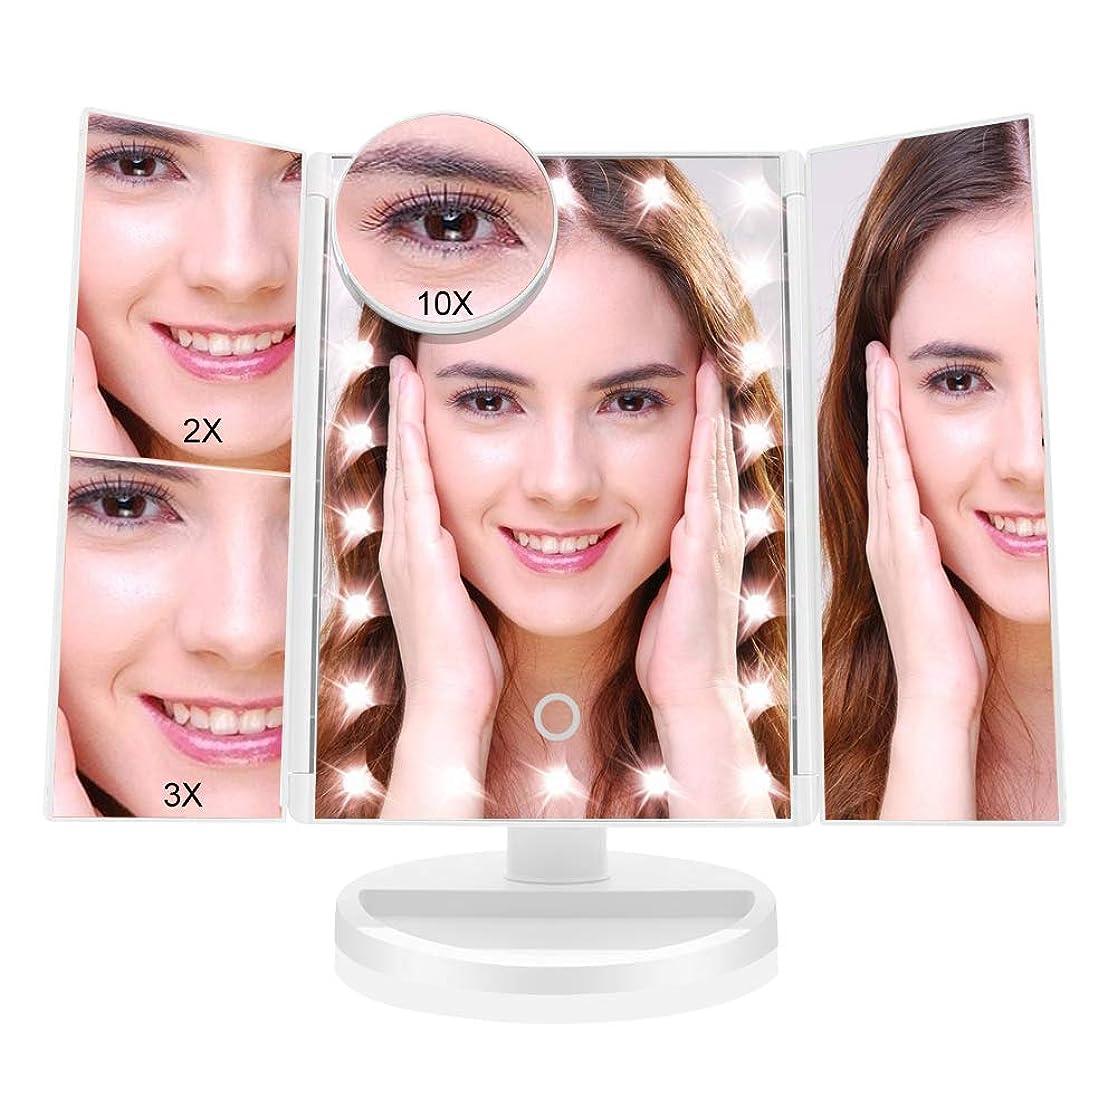 連結する矛盾する診断する化粧鏡 化粧ミラー 鏡 三面鏡 女優 卓上 21個LED付き 拡大鏡 2X 3X 10X 倍 明るさ調節可能 180°回転 電池&USB2WAY給電 収納便利